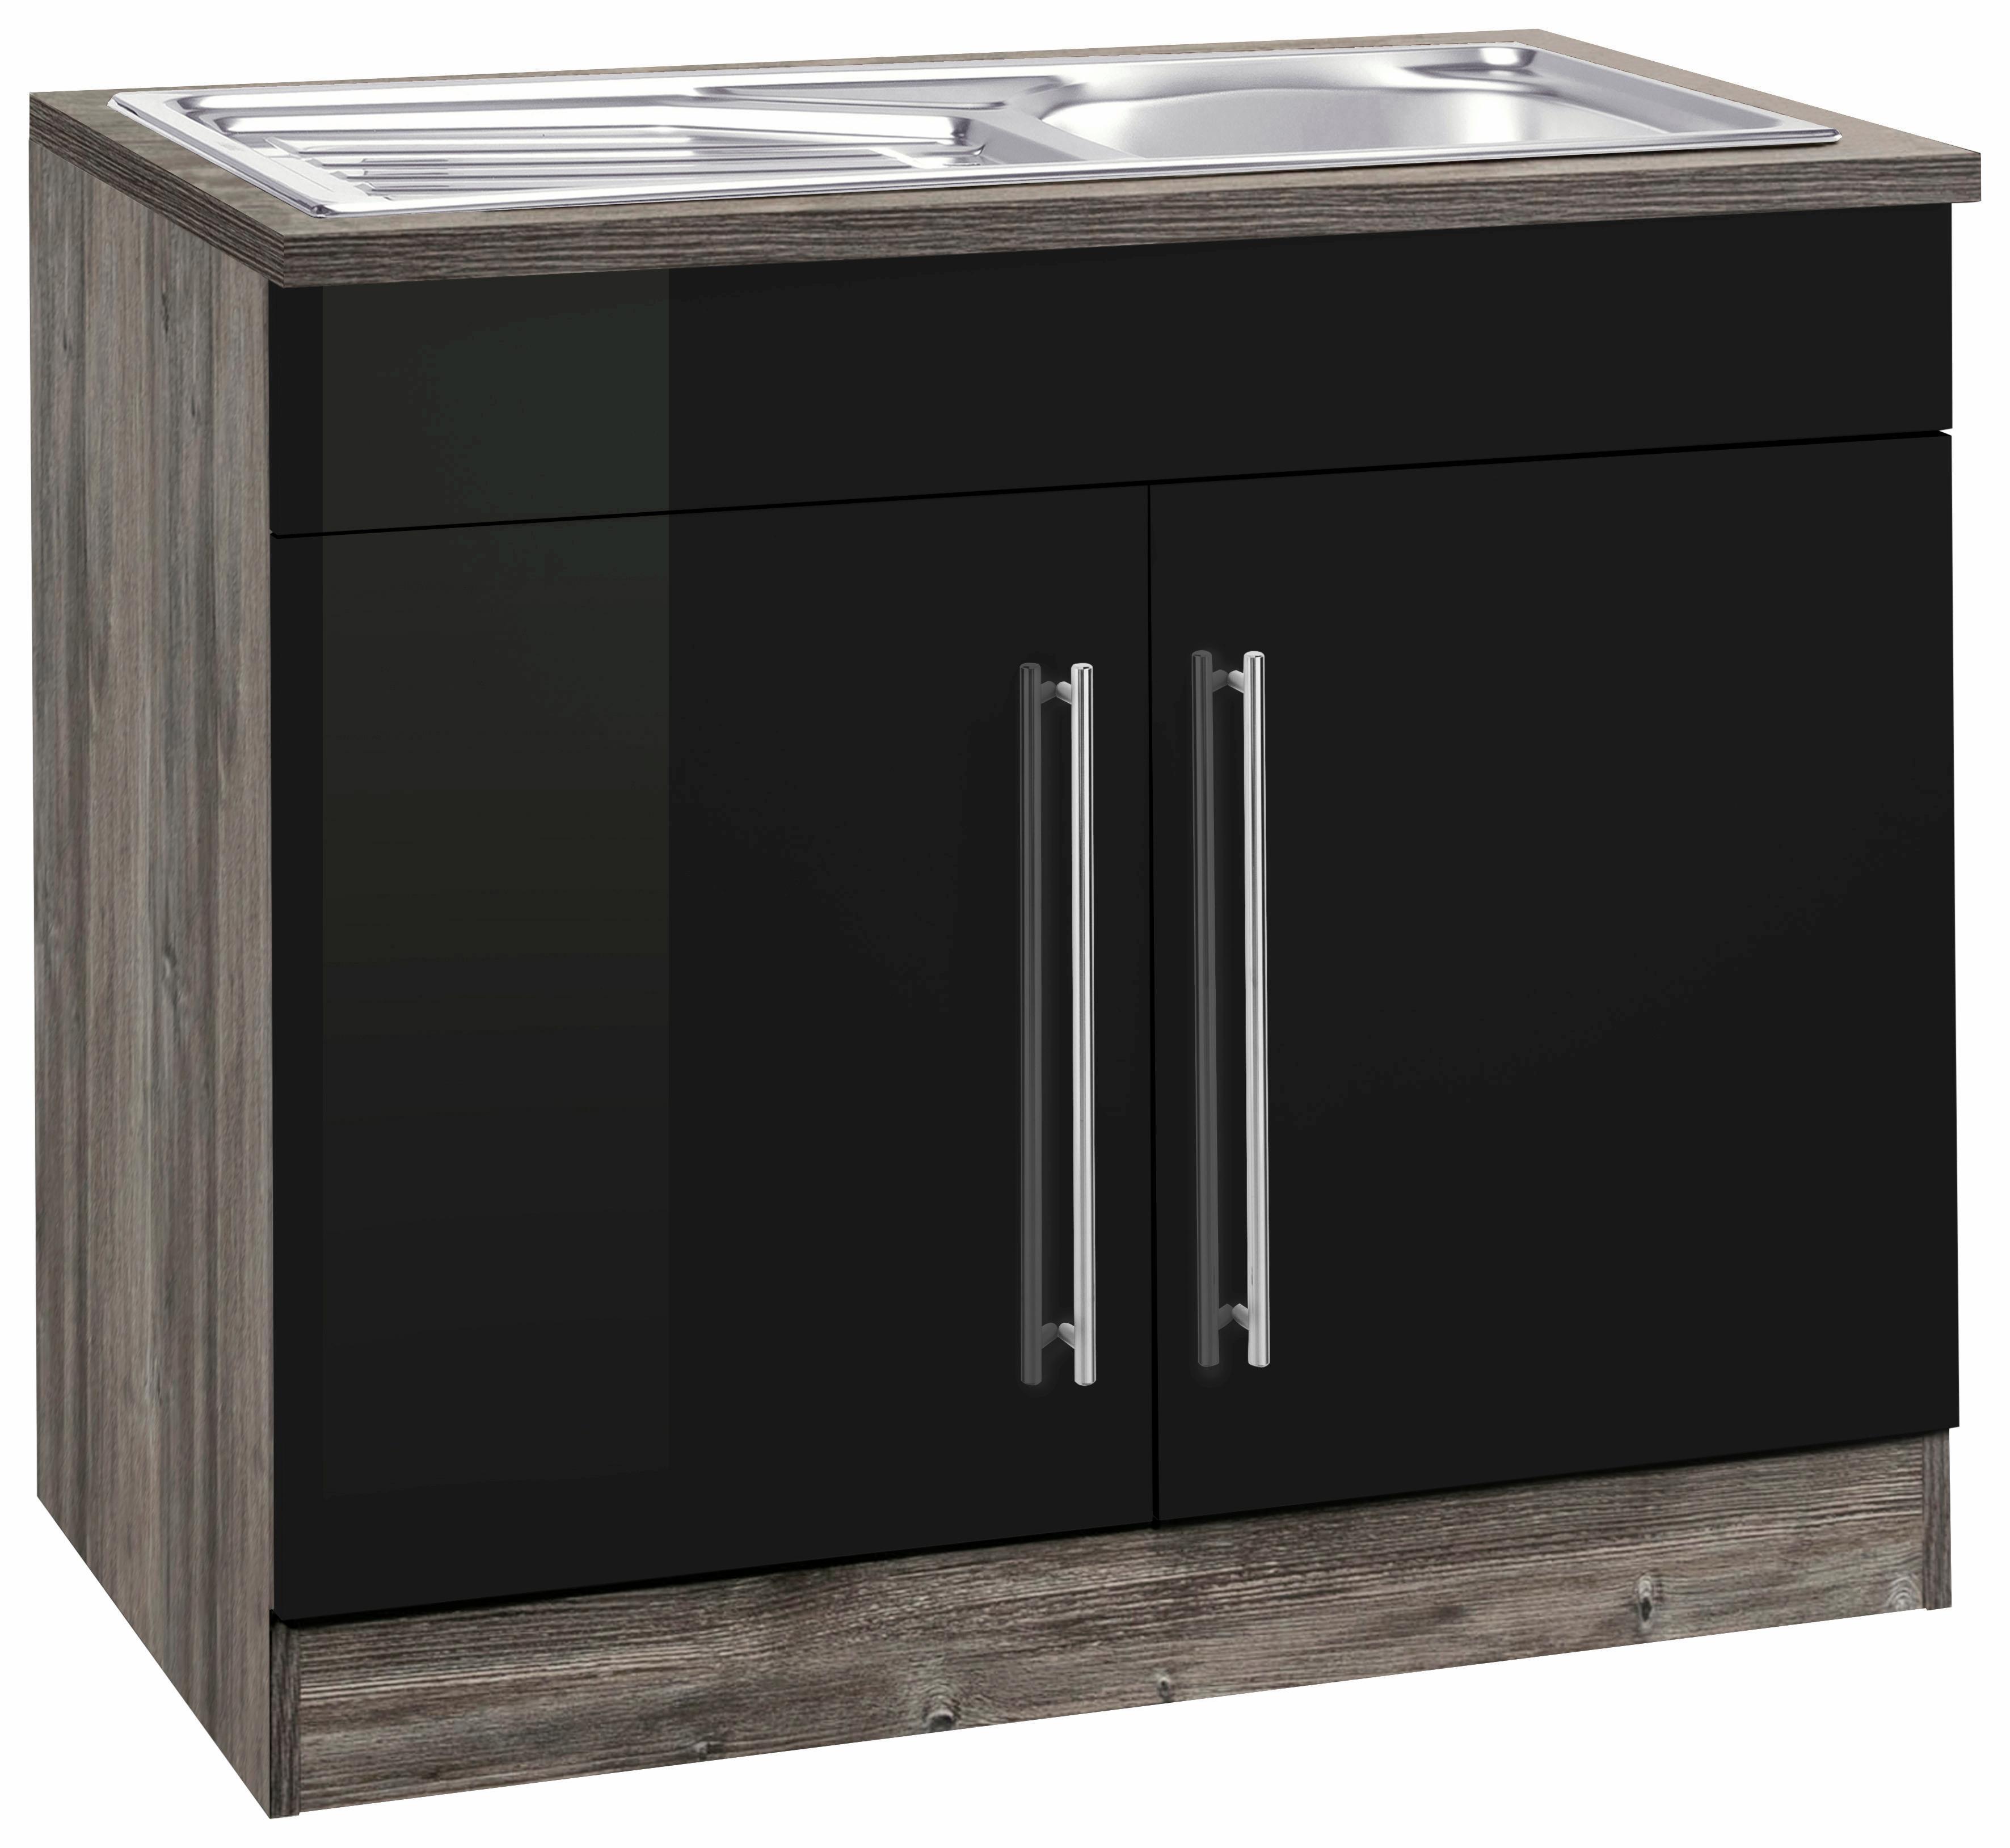 HELD MÖBEL Spülenschrank Samos   Küche und Esszimmer > Küchenschränke > Spülenschränke   Held Möbel